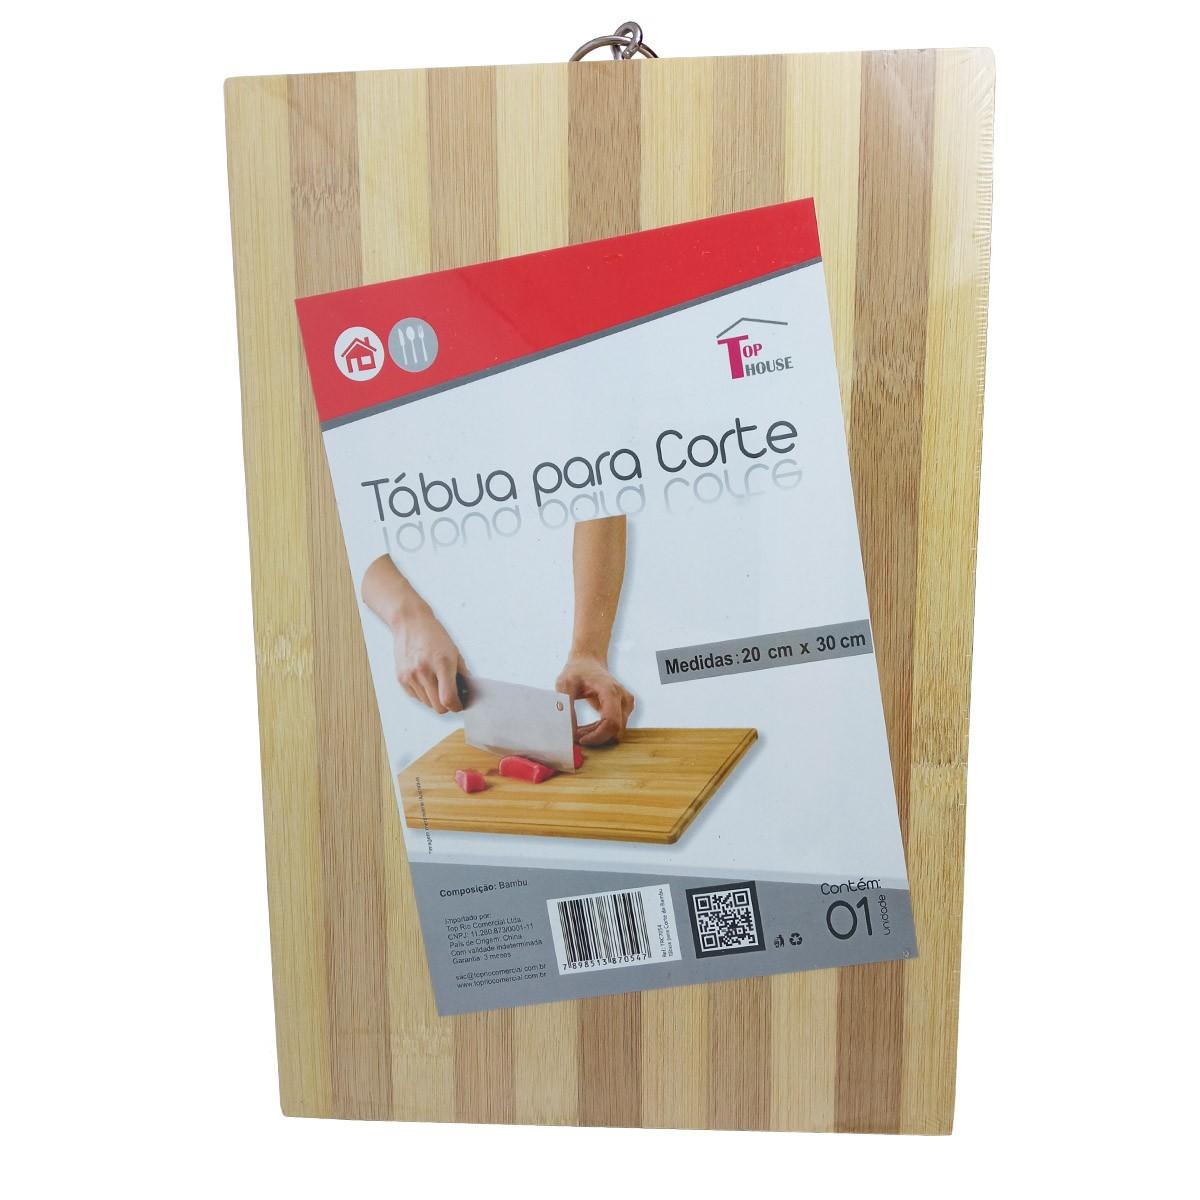 Tábua para Corte de Bambu 20x30cm - TopHouse